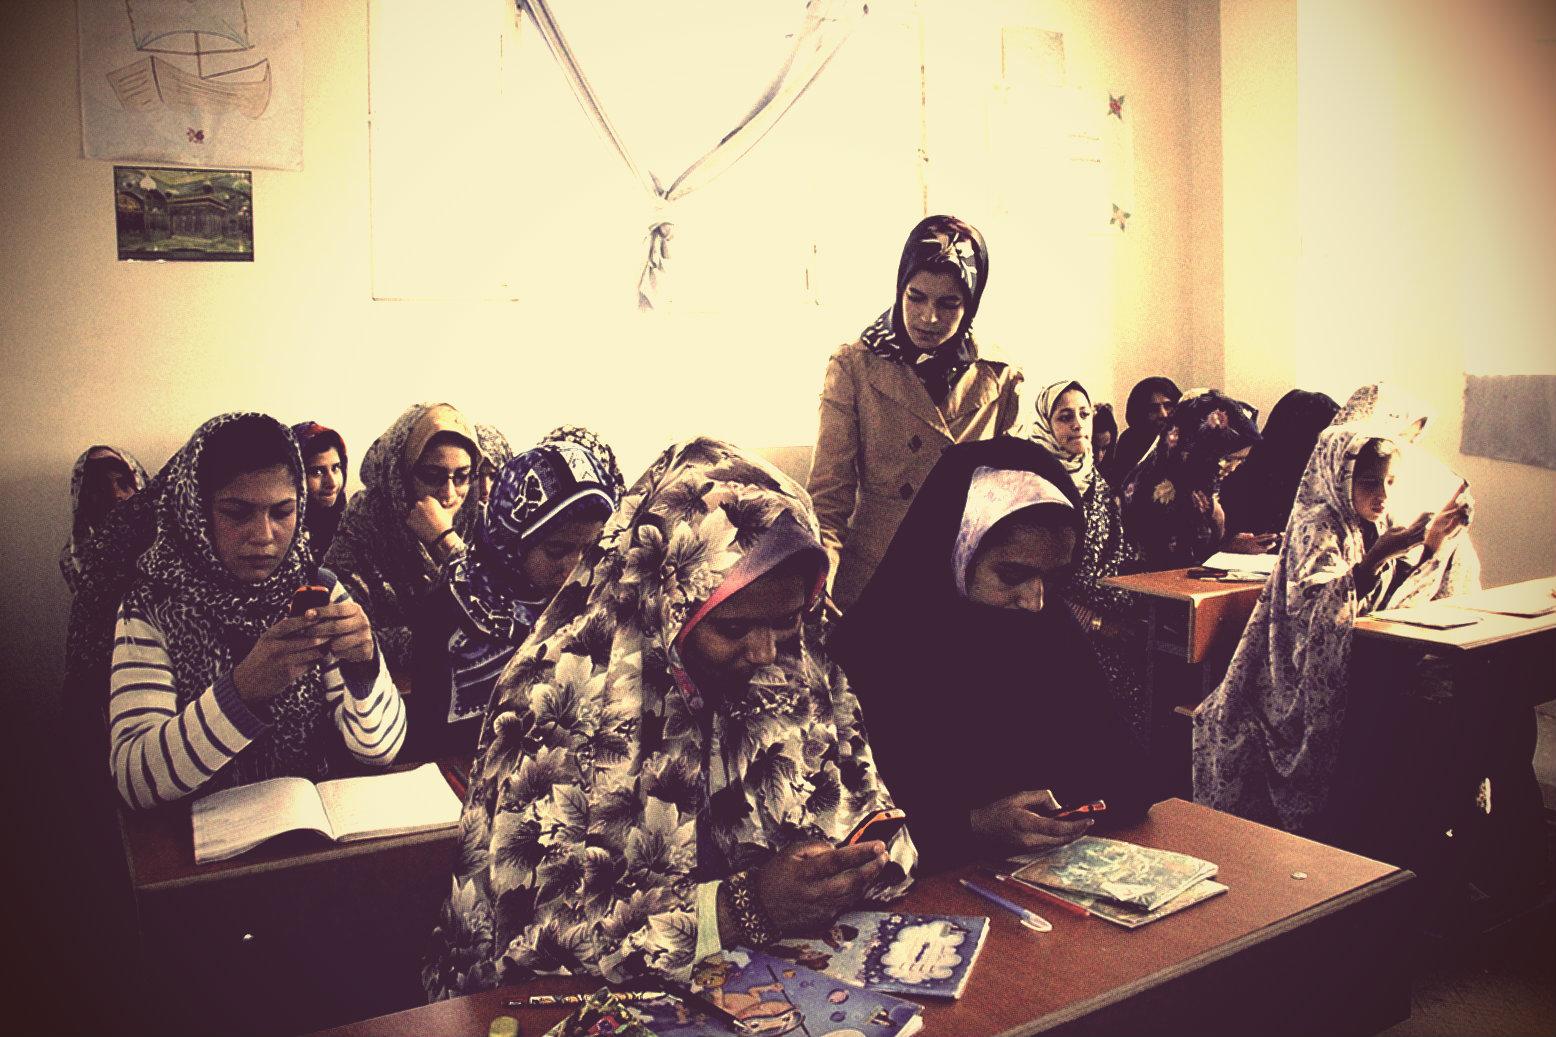 Afghan girls on phones_vintage.jpg